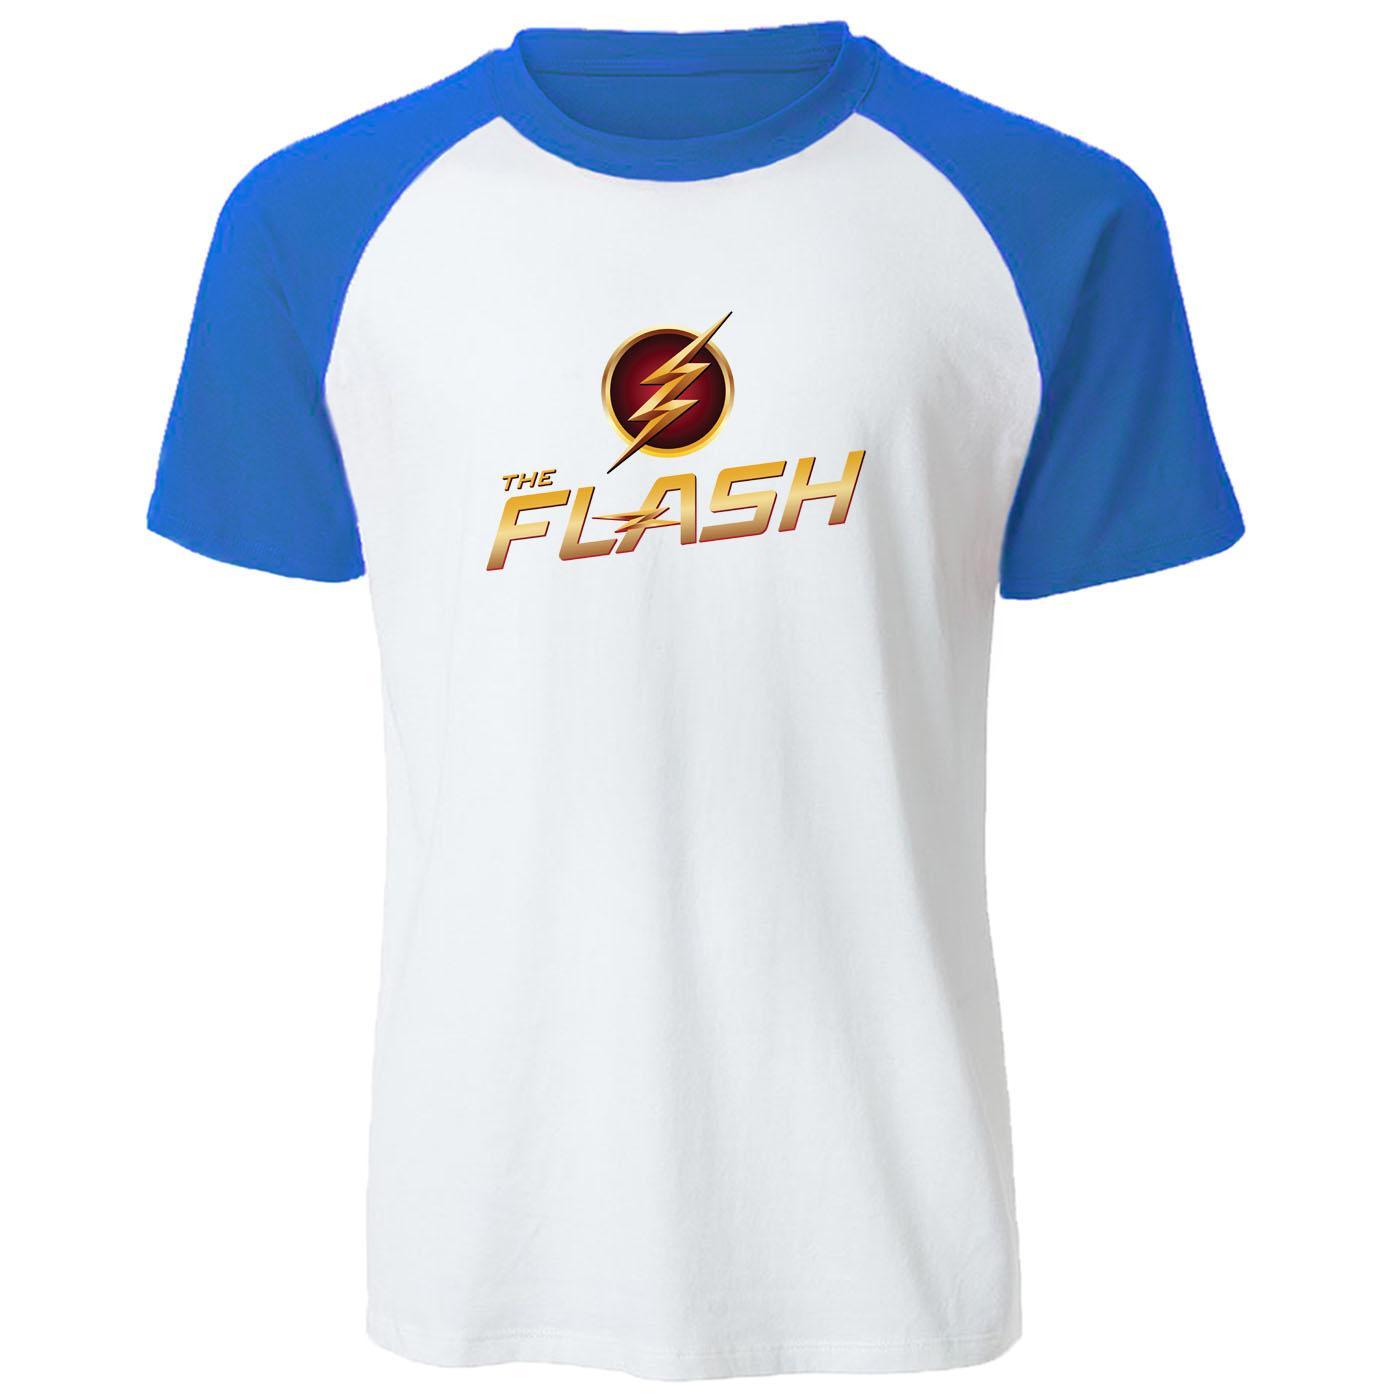 Вспышка печати Men тенниска BIG BANG Теория футболка реглан случайные майка хлопок летом Мужская одежда Superhero Топы Тис